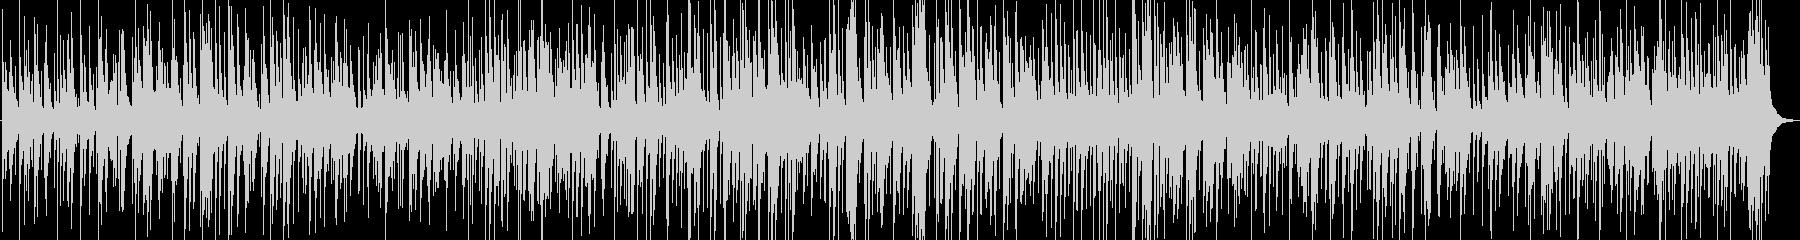 落ち着いたジャズピアノトリオバラードの未再生の波形